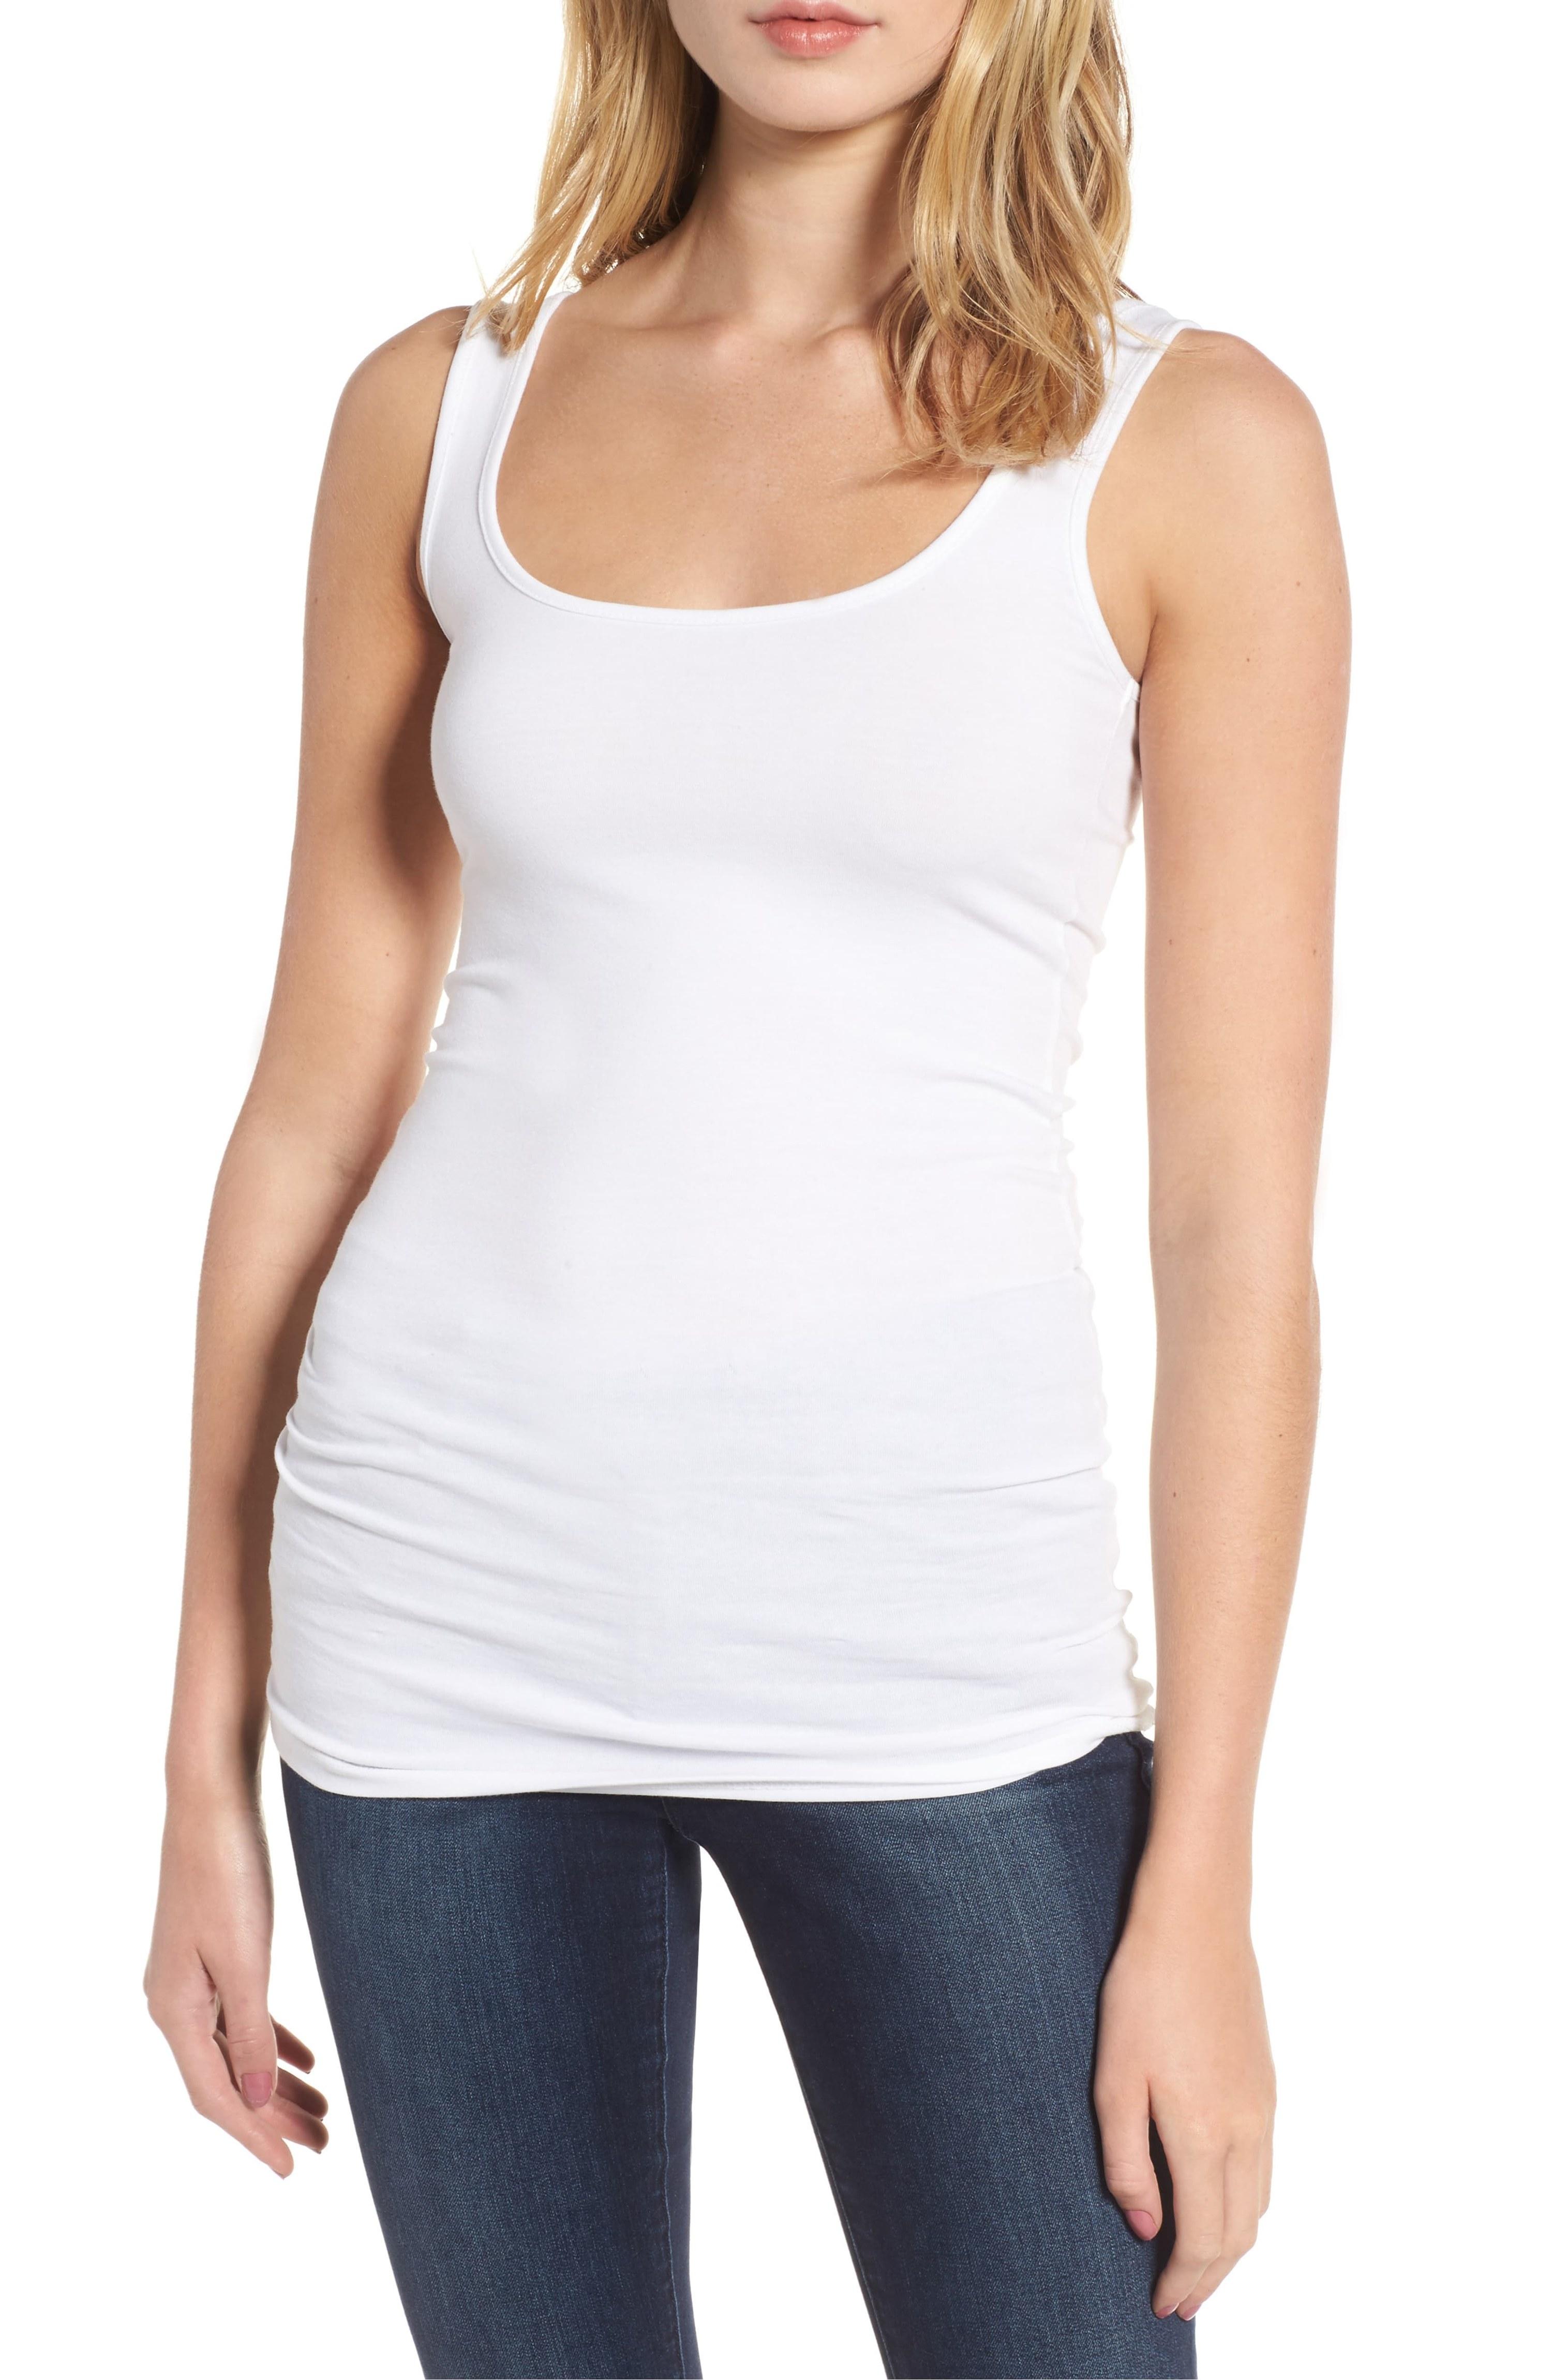 model wearing white tank